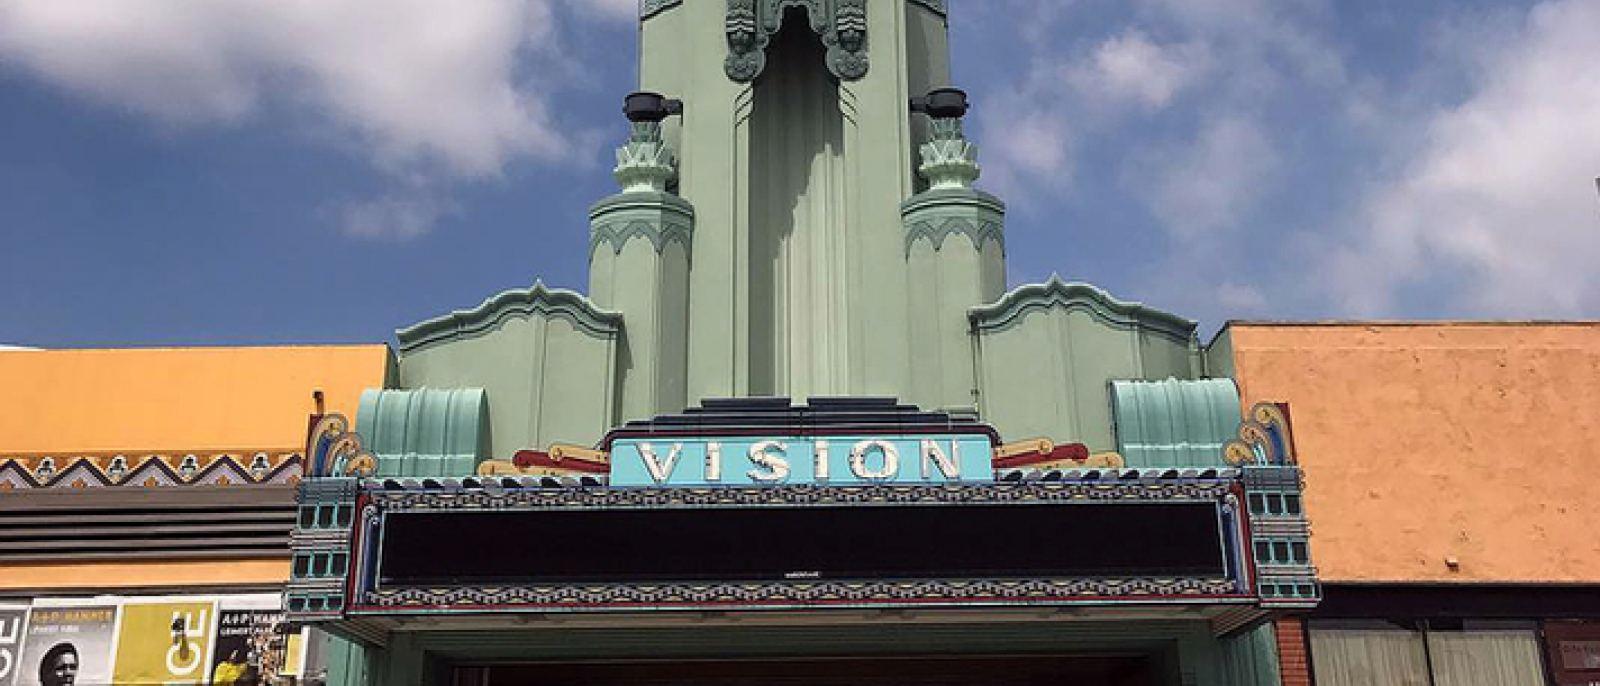 Vision Theater Leimert Park